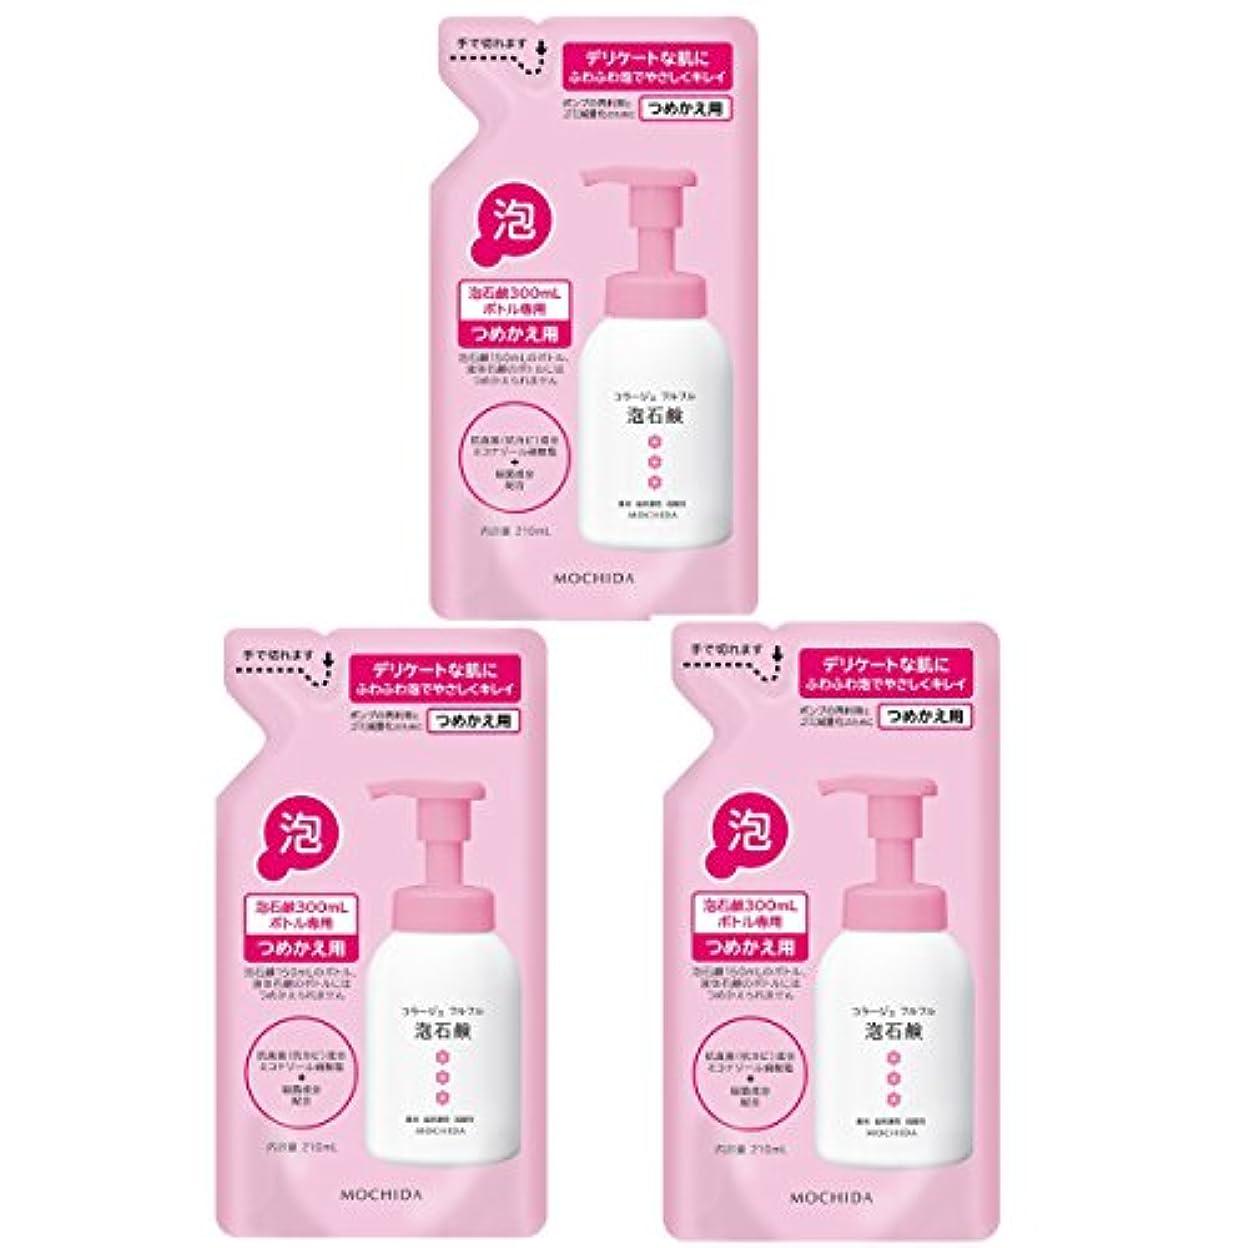 バング工業化する地域のコラージュフルフル 泡石鹸 ピンク つめかえ用 210mL (医薬部外品)×3